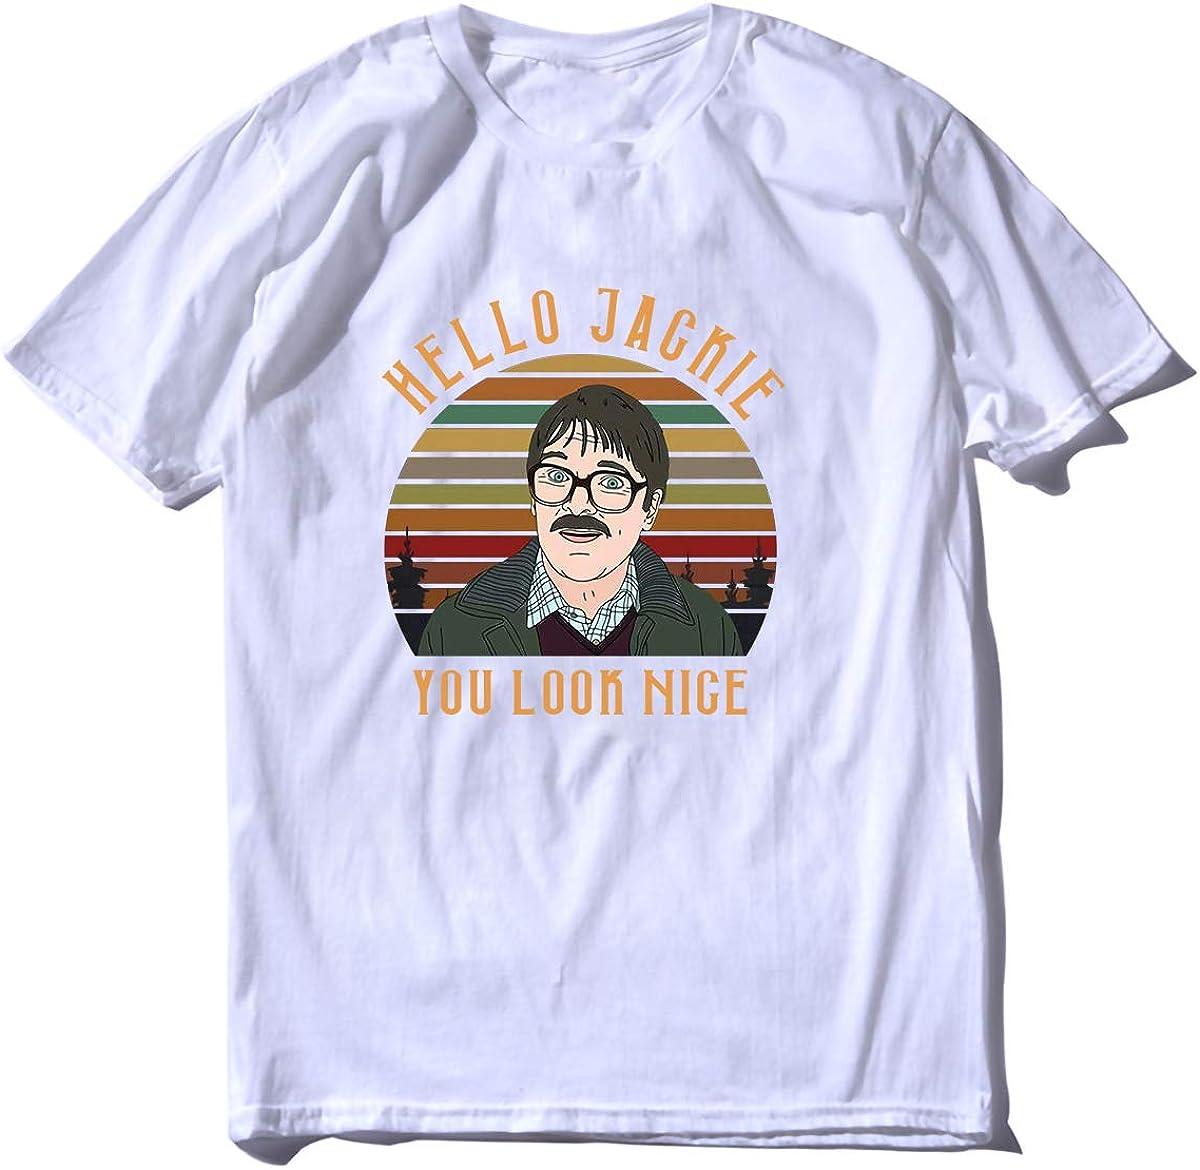 Hello Jackie You Look Nice Friday Night Dinner - Camiseta para mujer: Amazon.es: Ropa y accesorios